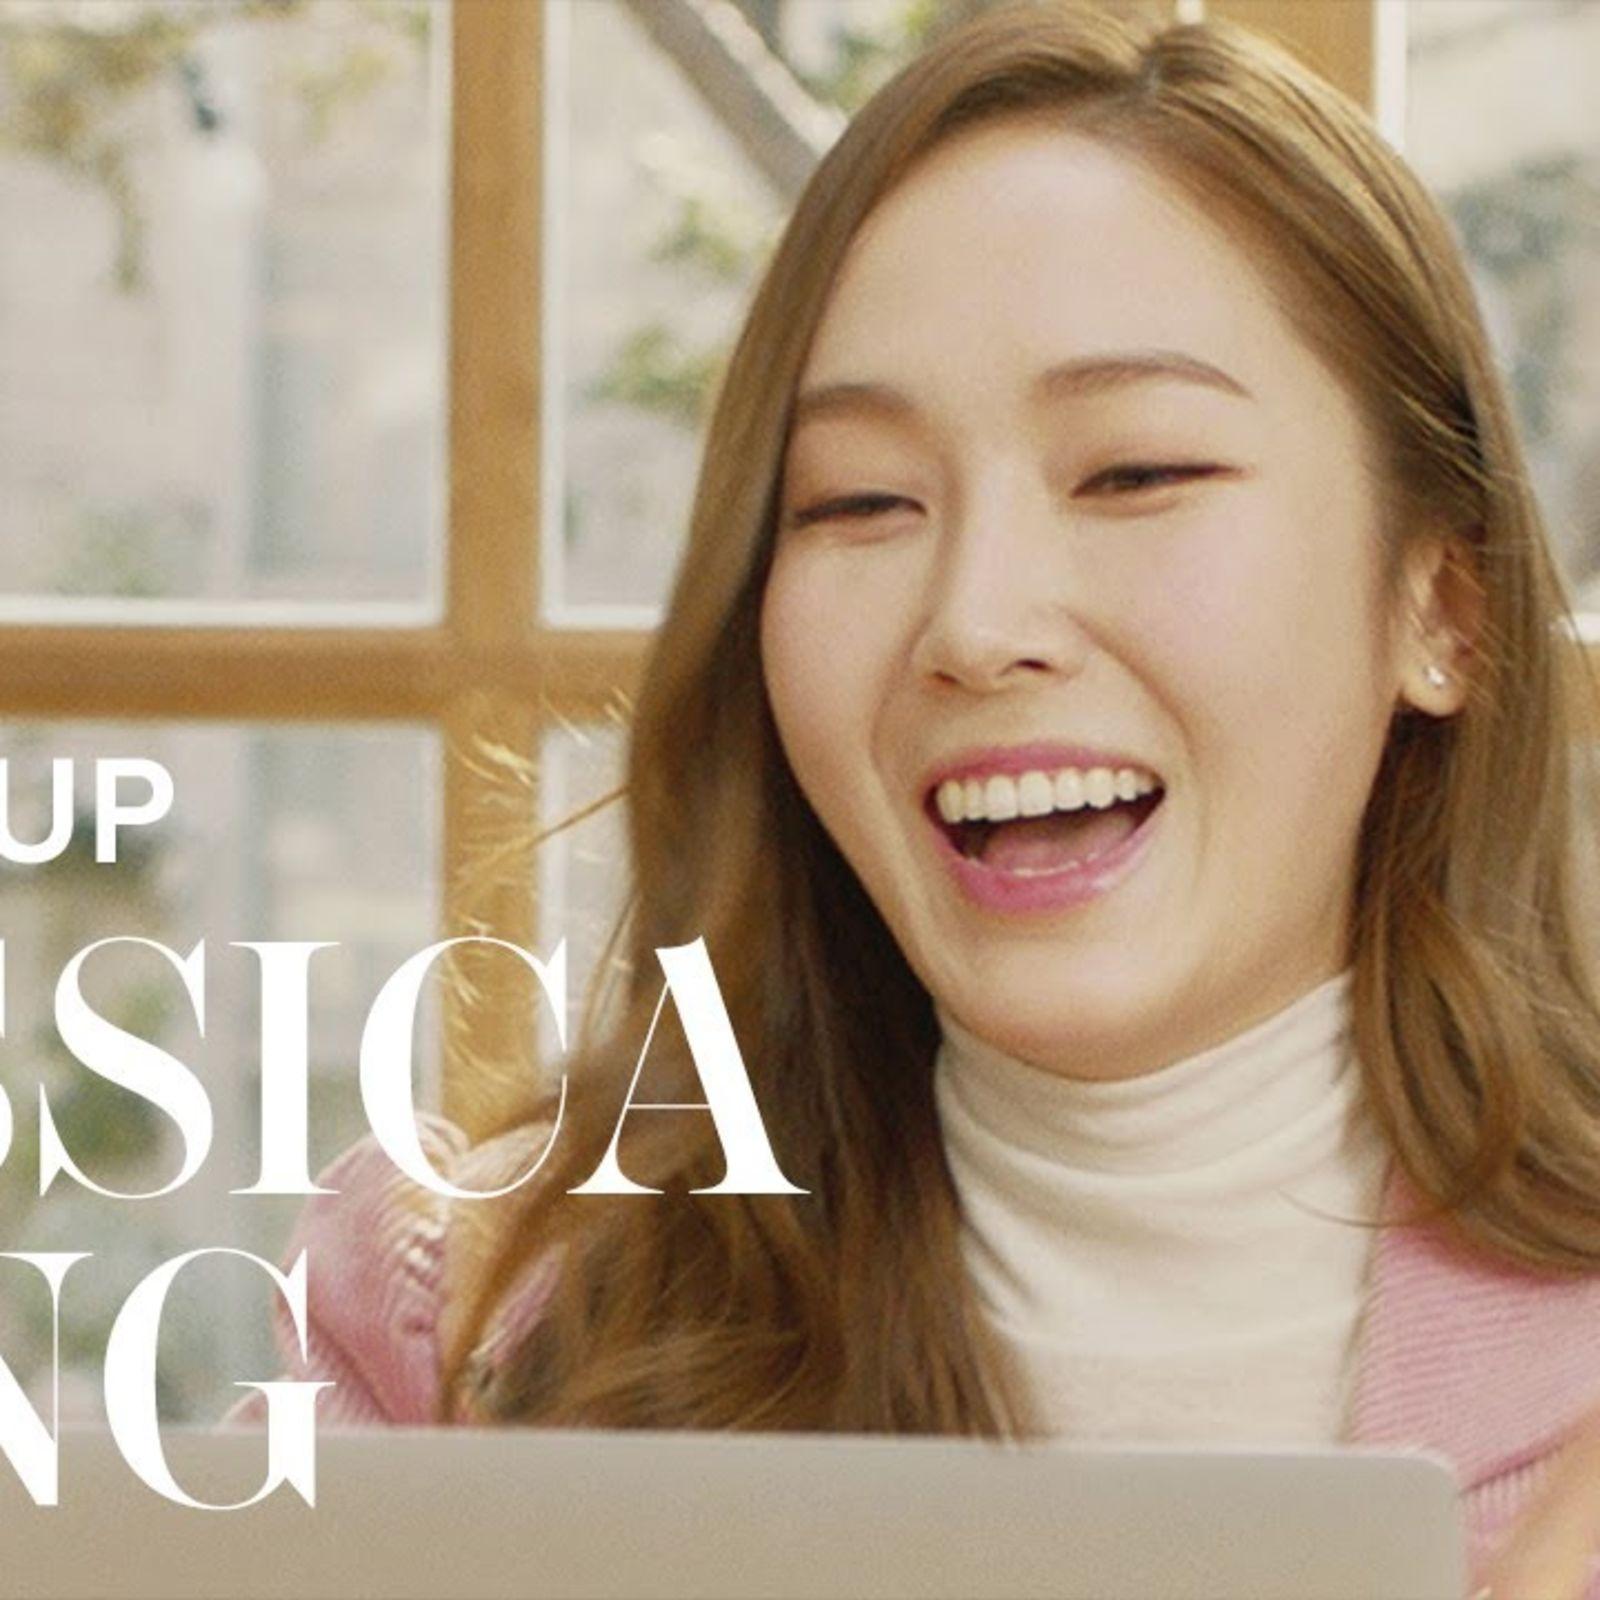 Jessica Jung: la estrella del K-pop llama a Daniel Caesar, Dvsn y Raveena | Listen Up